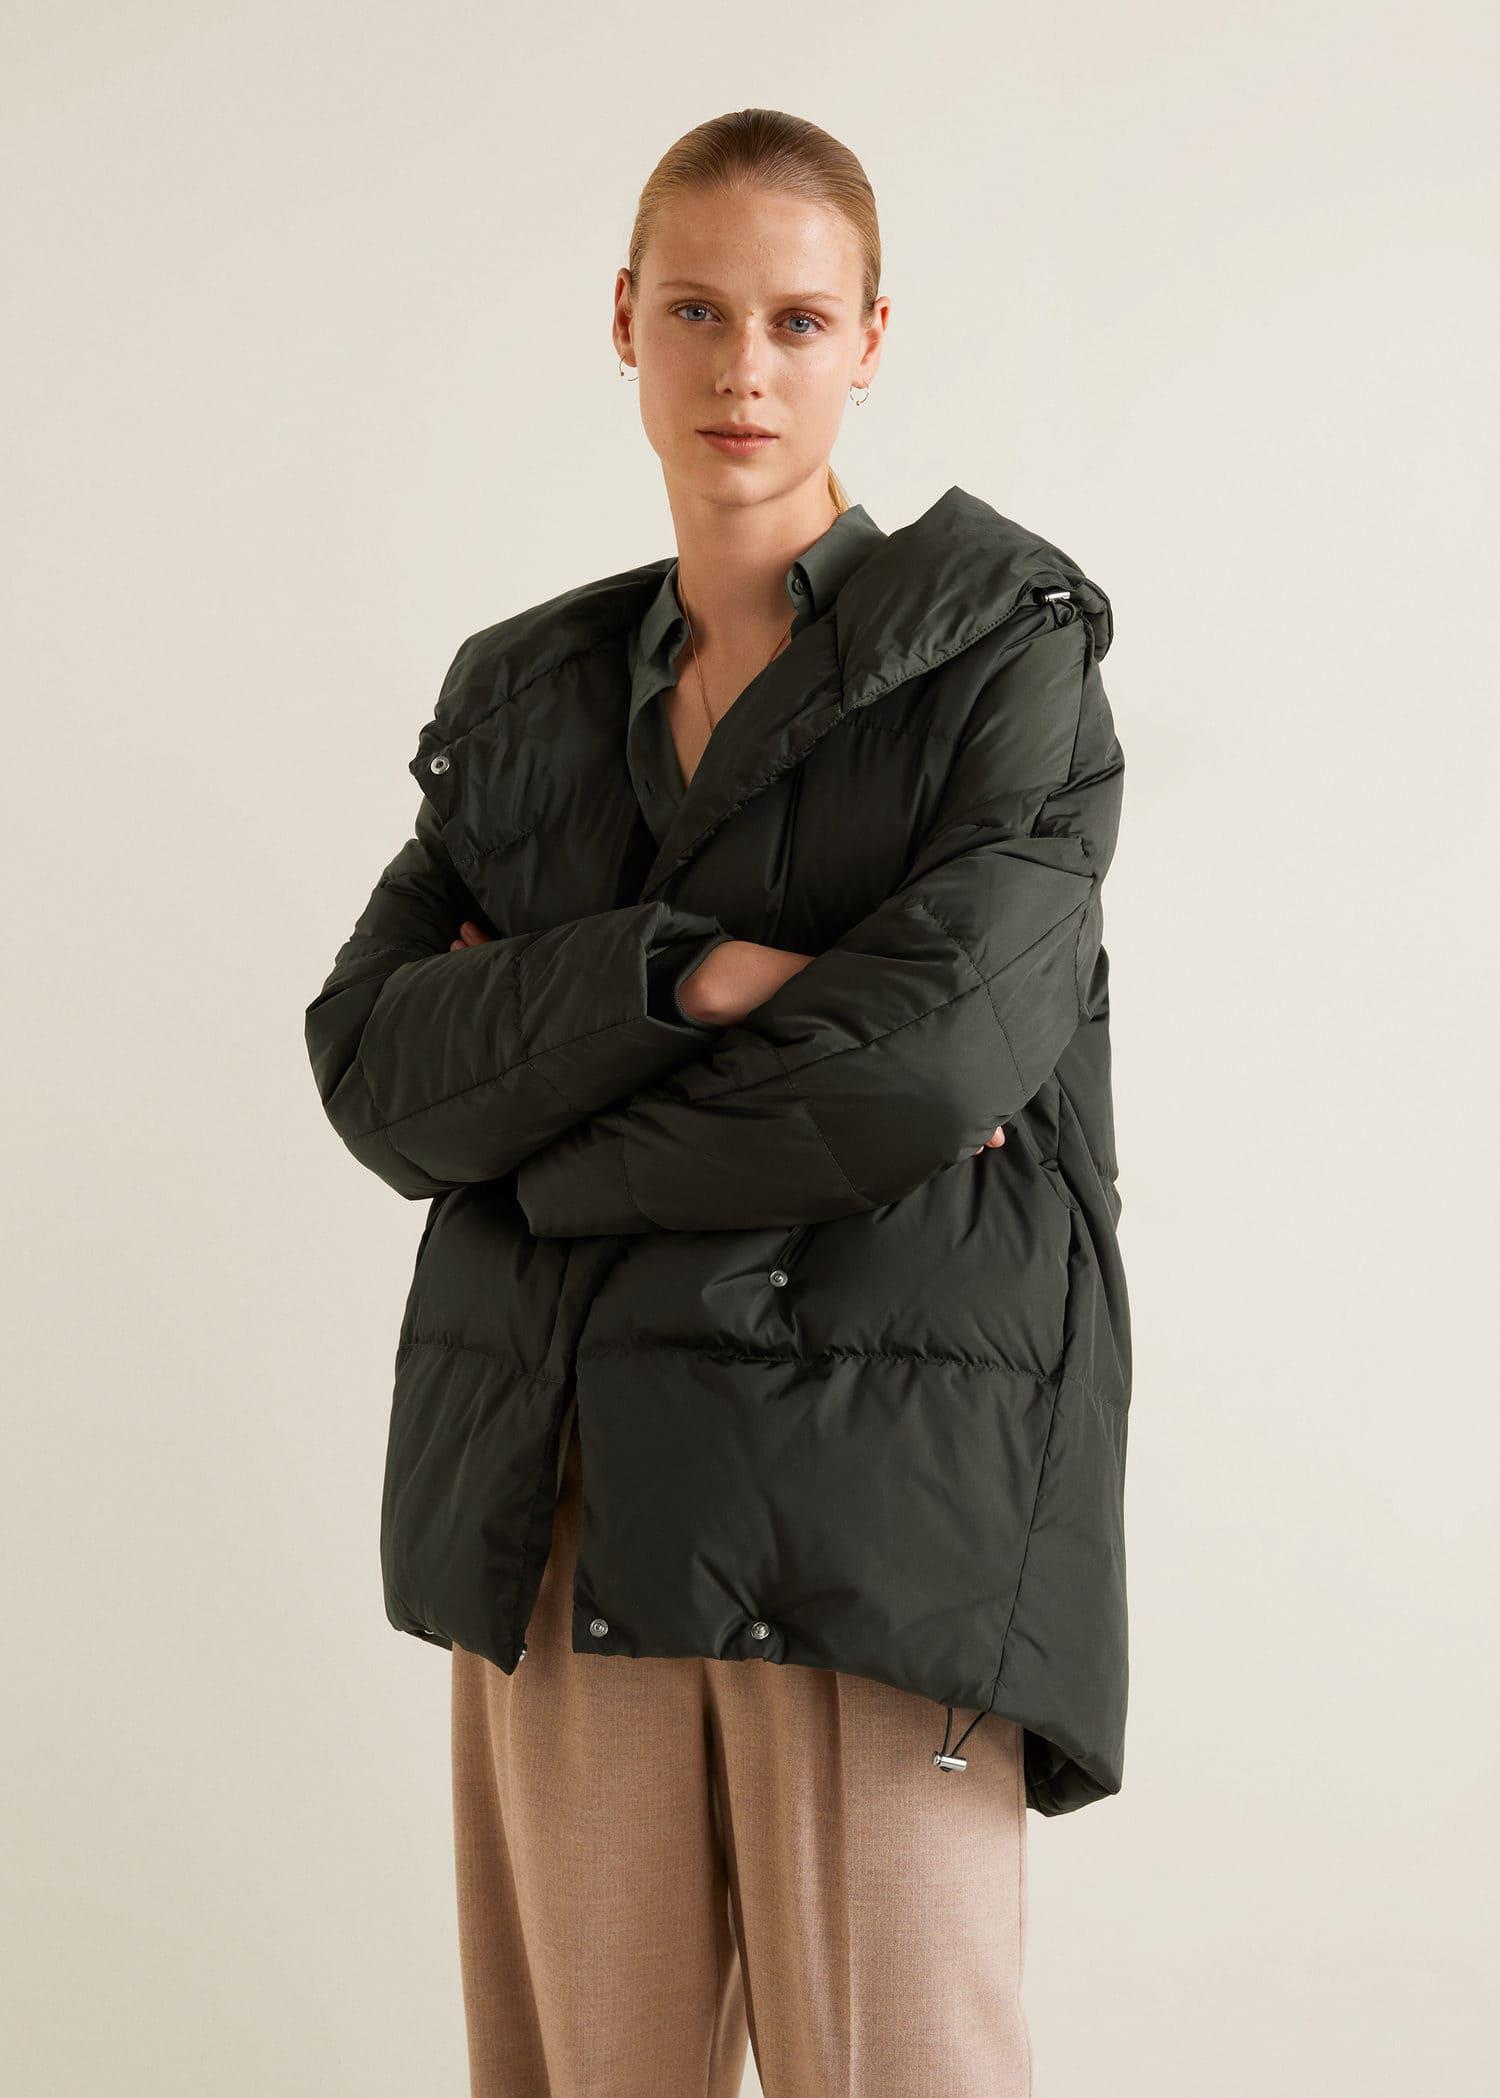 Одежда - Женская 2019   MANGO МАНГО Россия (Российская Федерация) 991d0e1090c